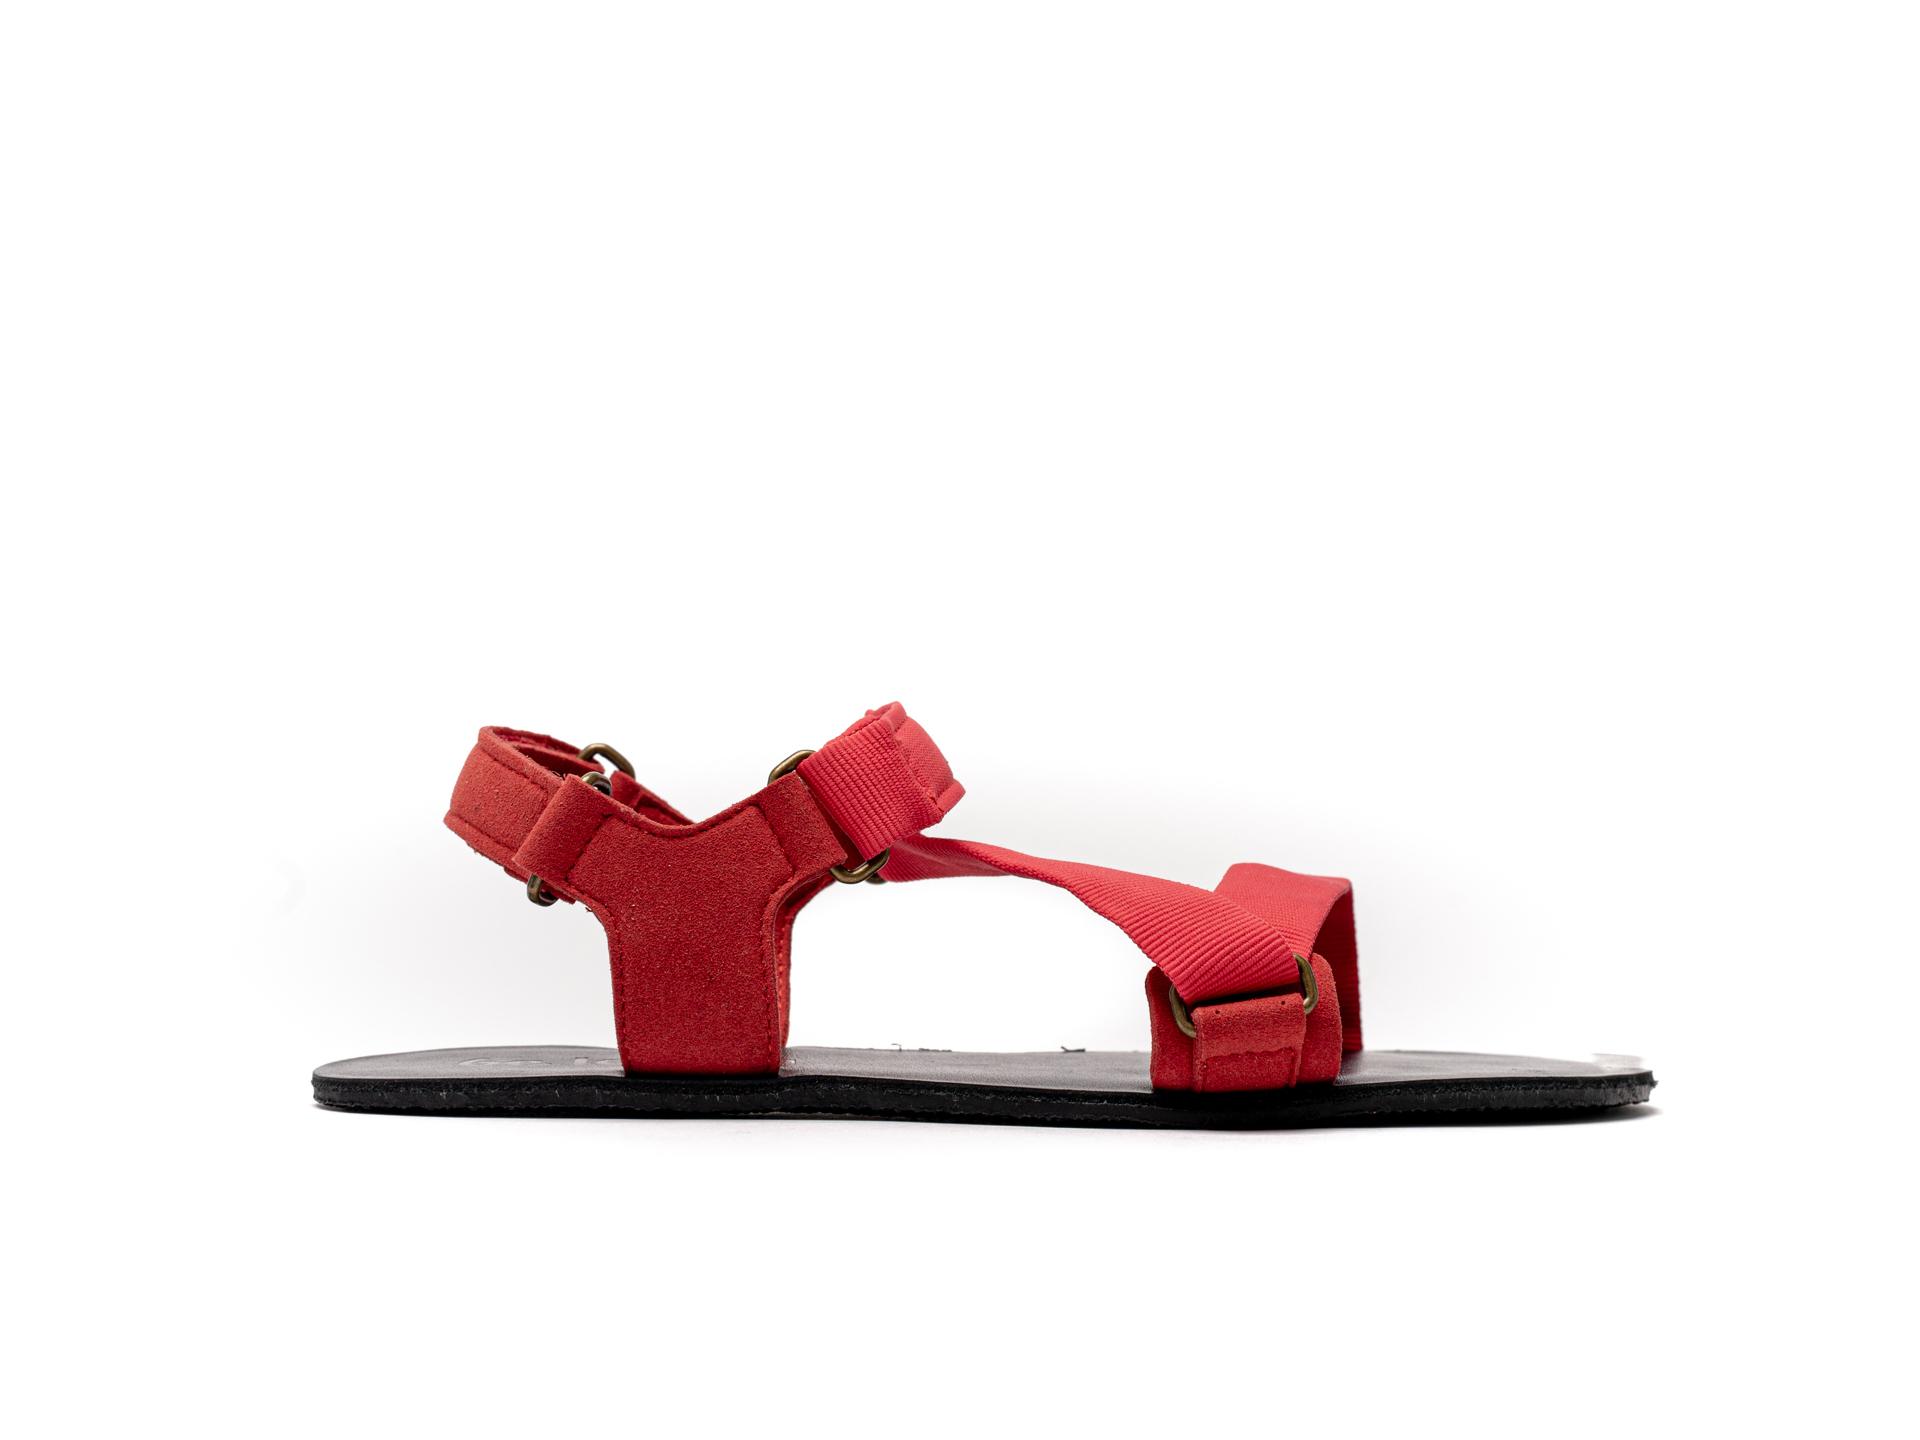 Barefoot Sandals - Be Lenka Flexi - Red 42